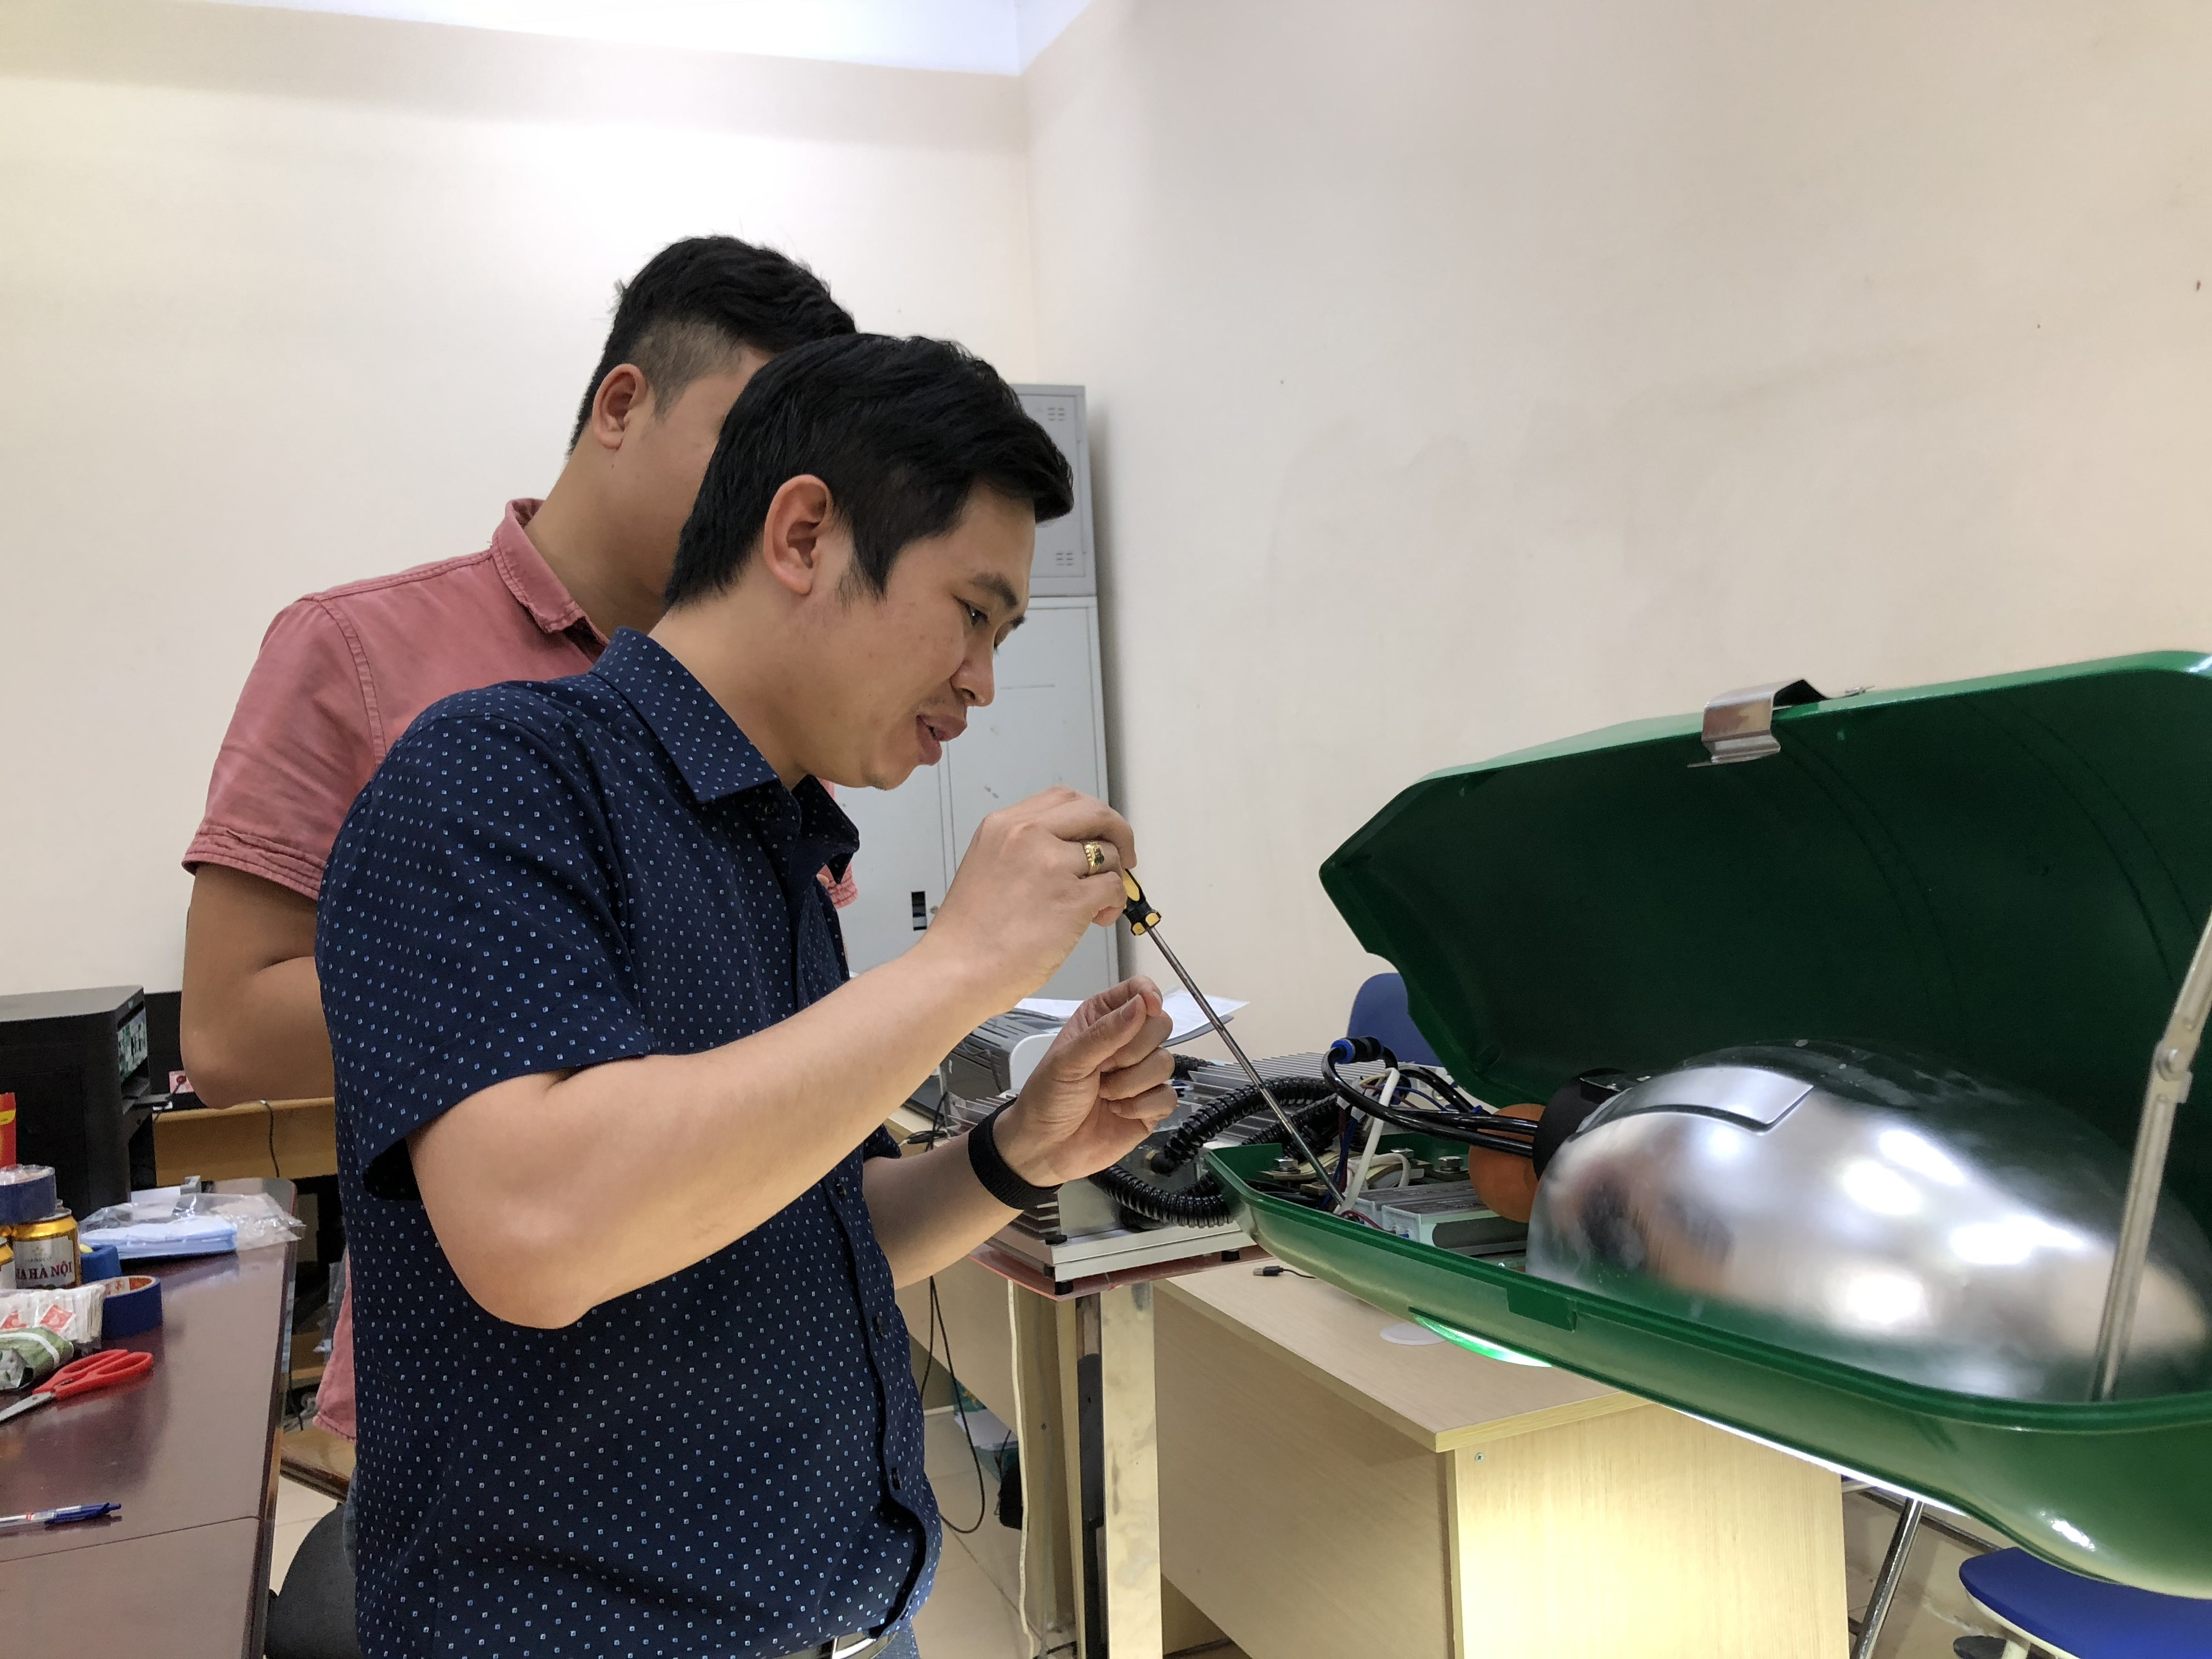 TS. Bùi Hùng Thắng (Viện Khoa học Vật liệu, Viện Hàn lâm KH&CN Việt Nam) và cộng sự đang thao tác trên bộ module đèn LED.